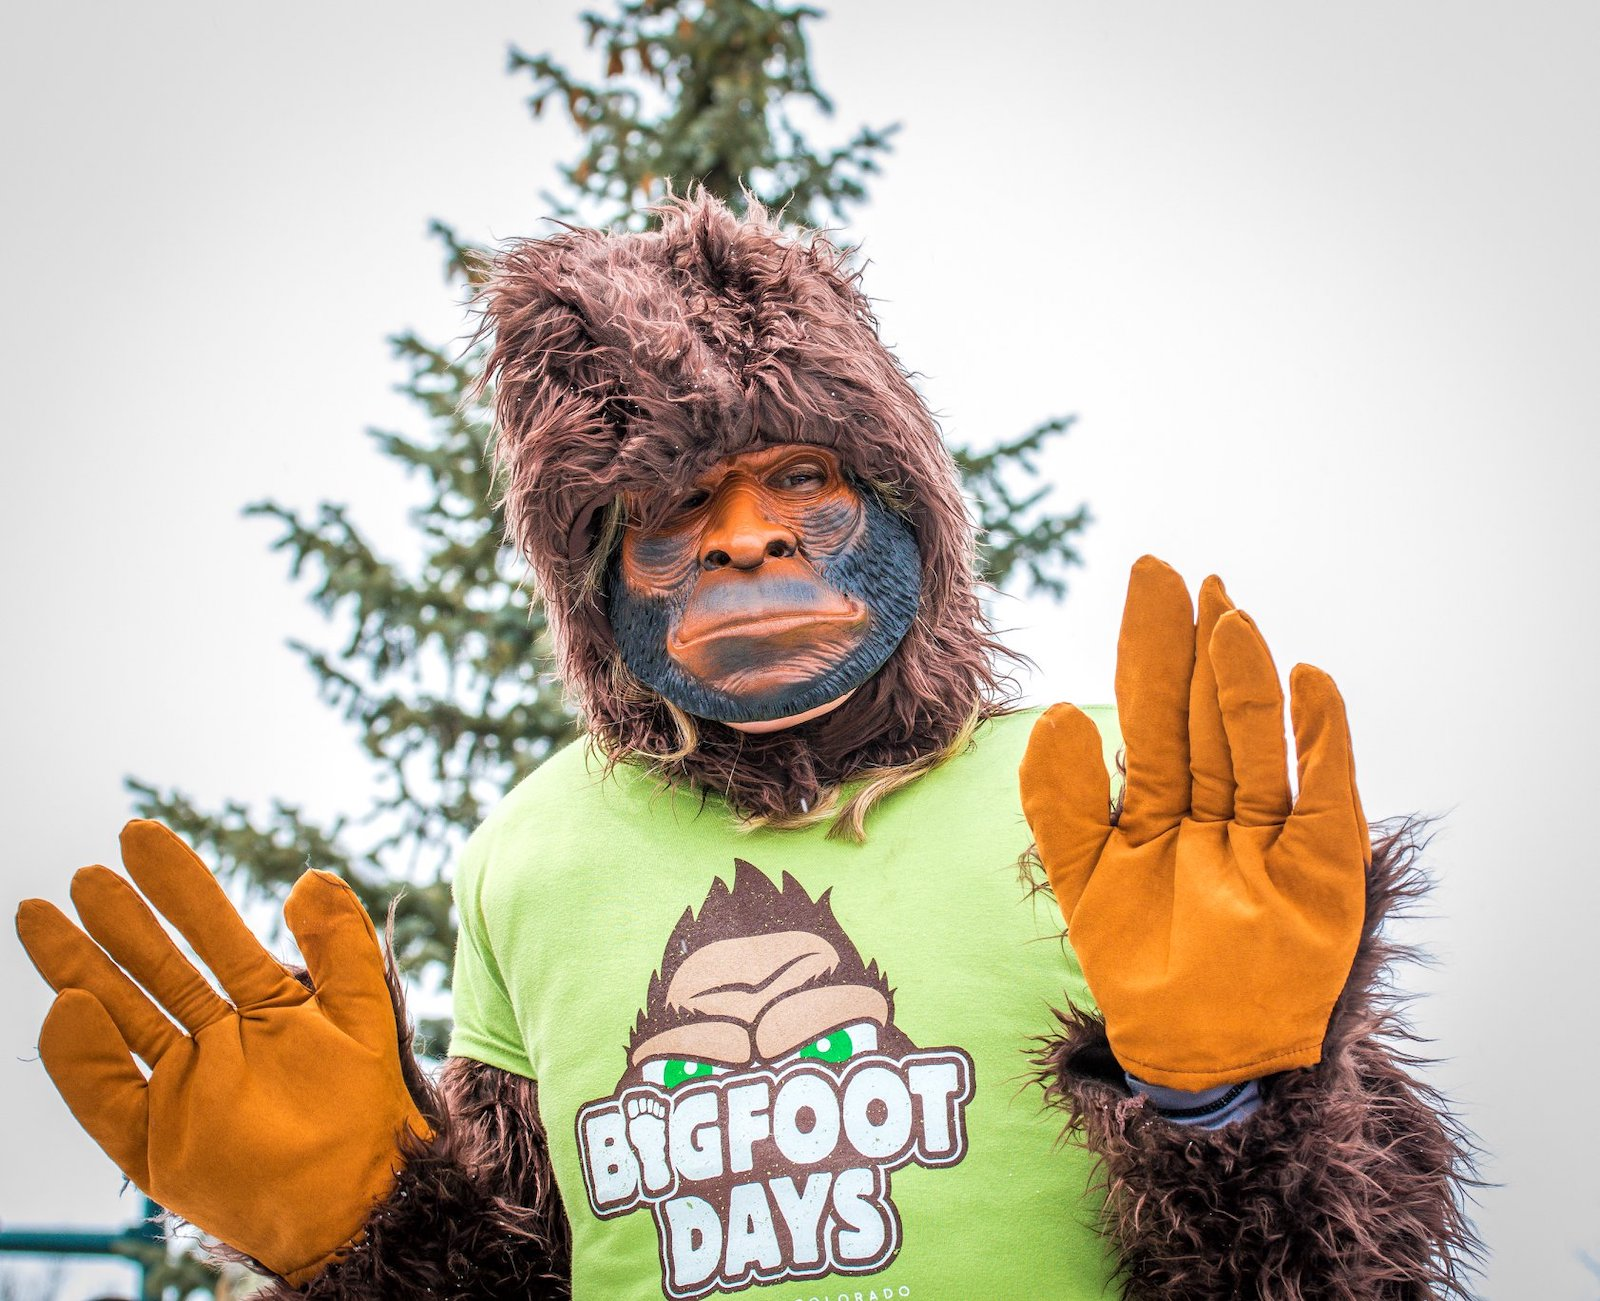 Gambar seseorang yang berpakaian seperti Bigfoot di Bigfoot Days di Estes Park, Colorado